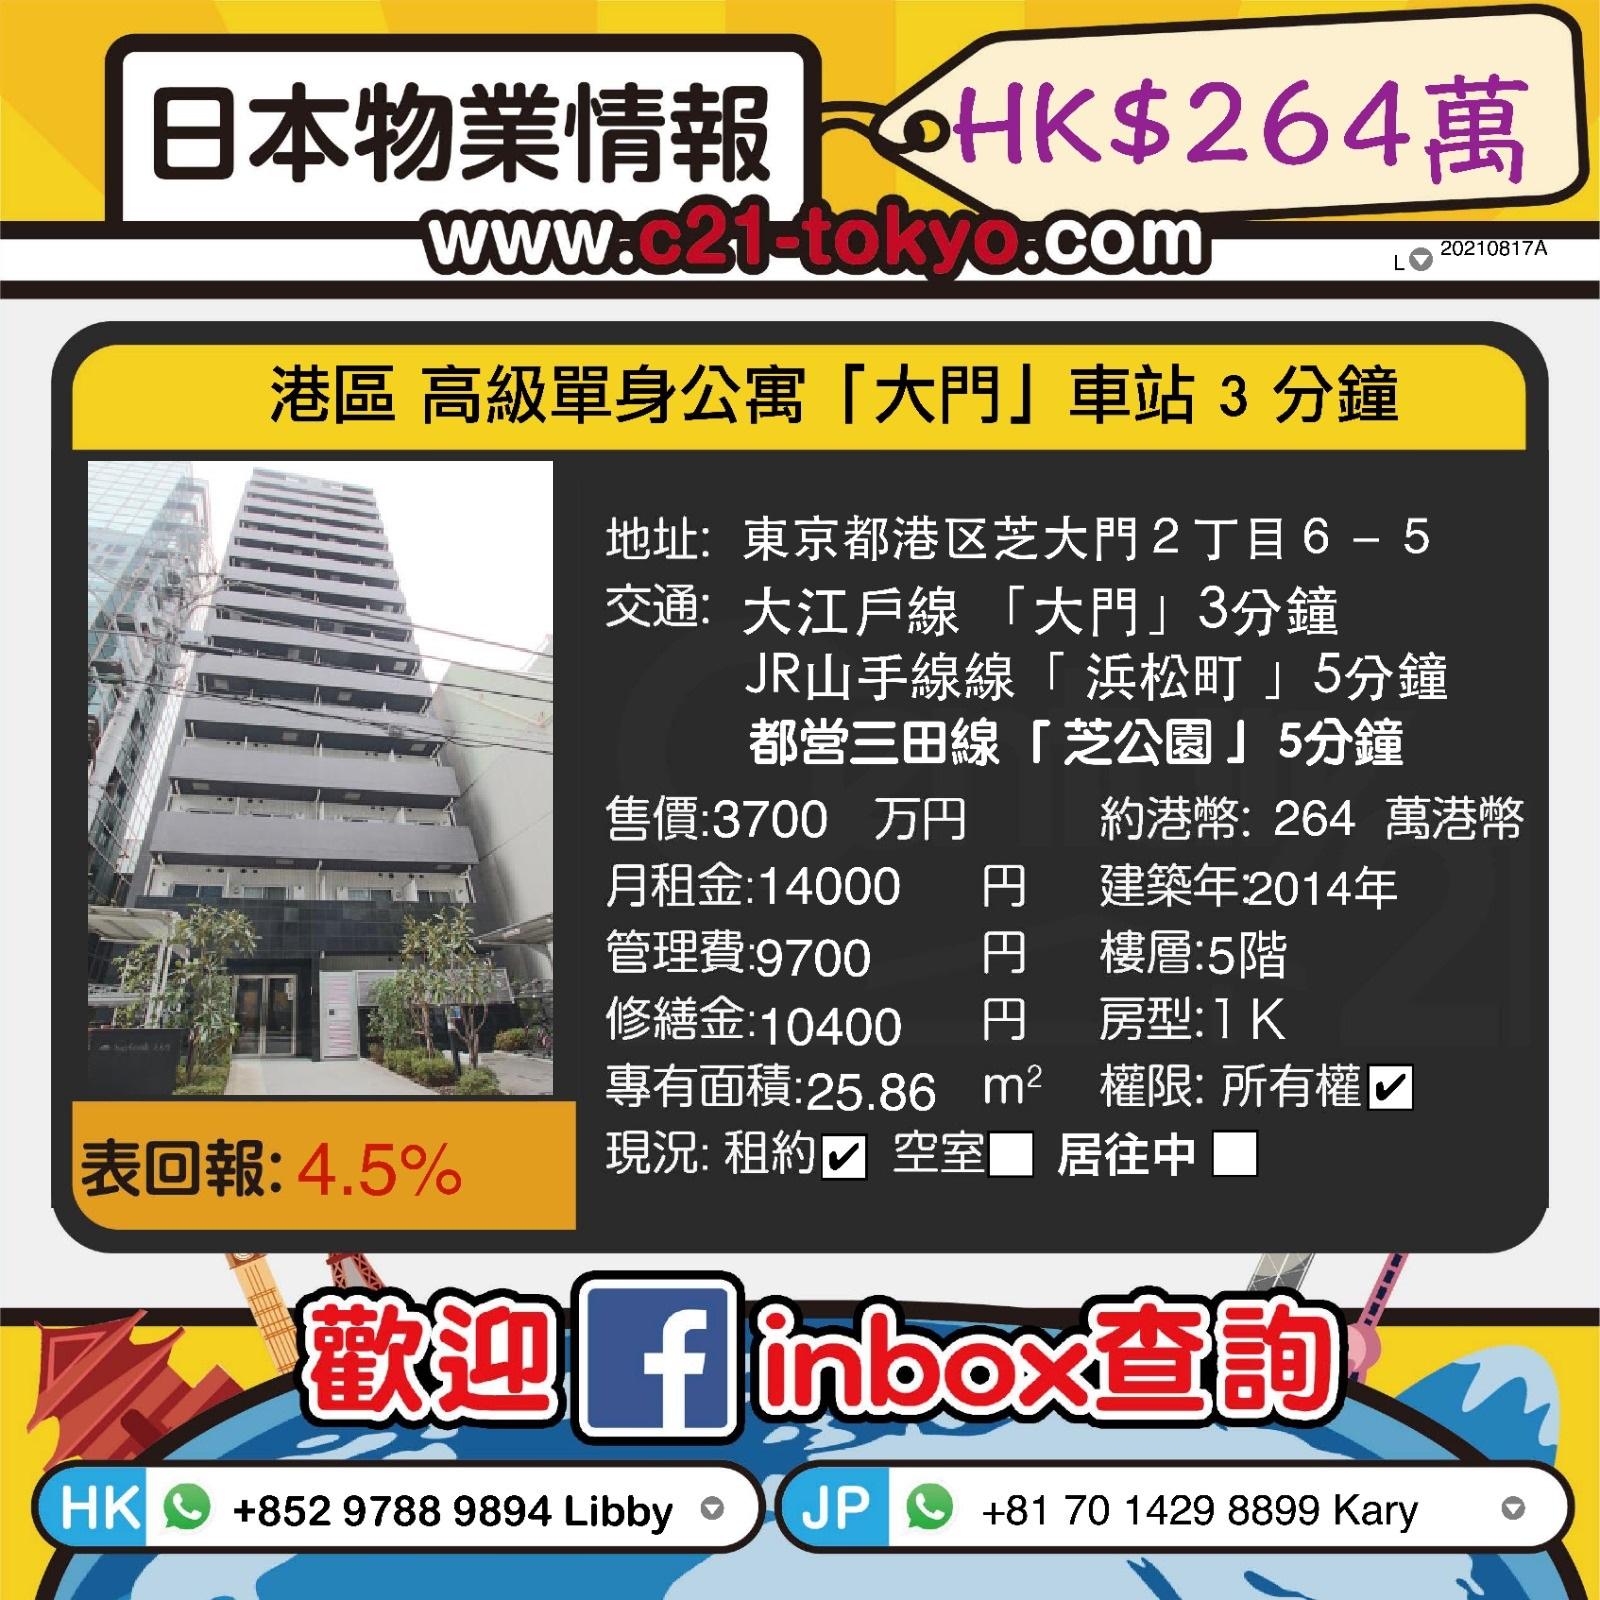 東京 港區高級公